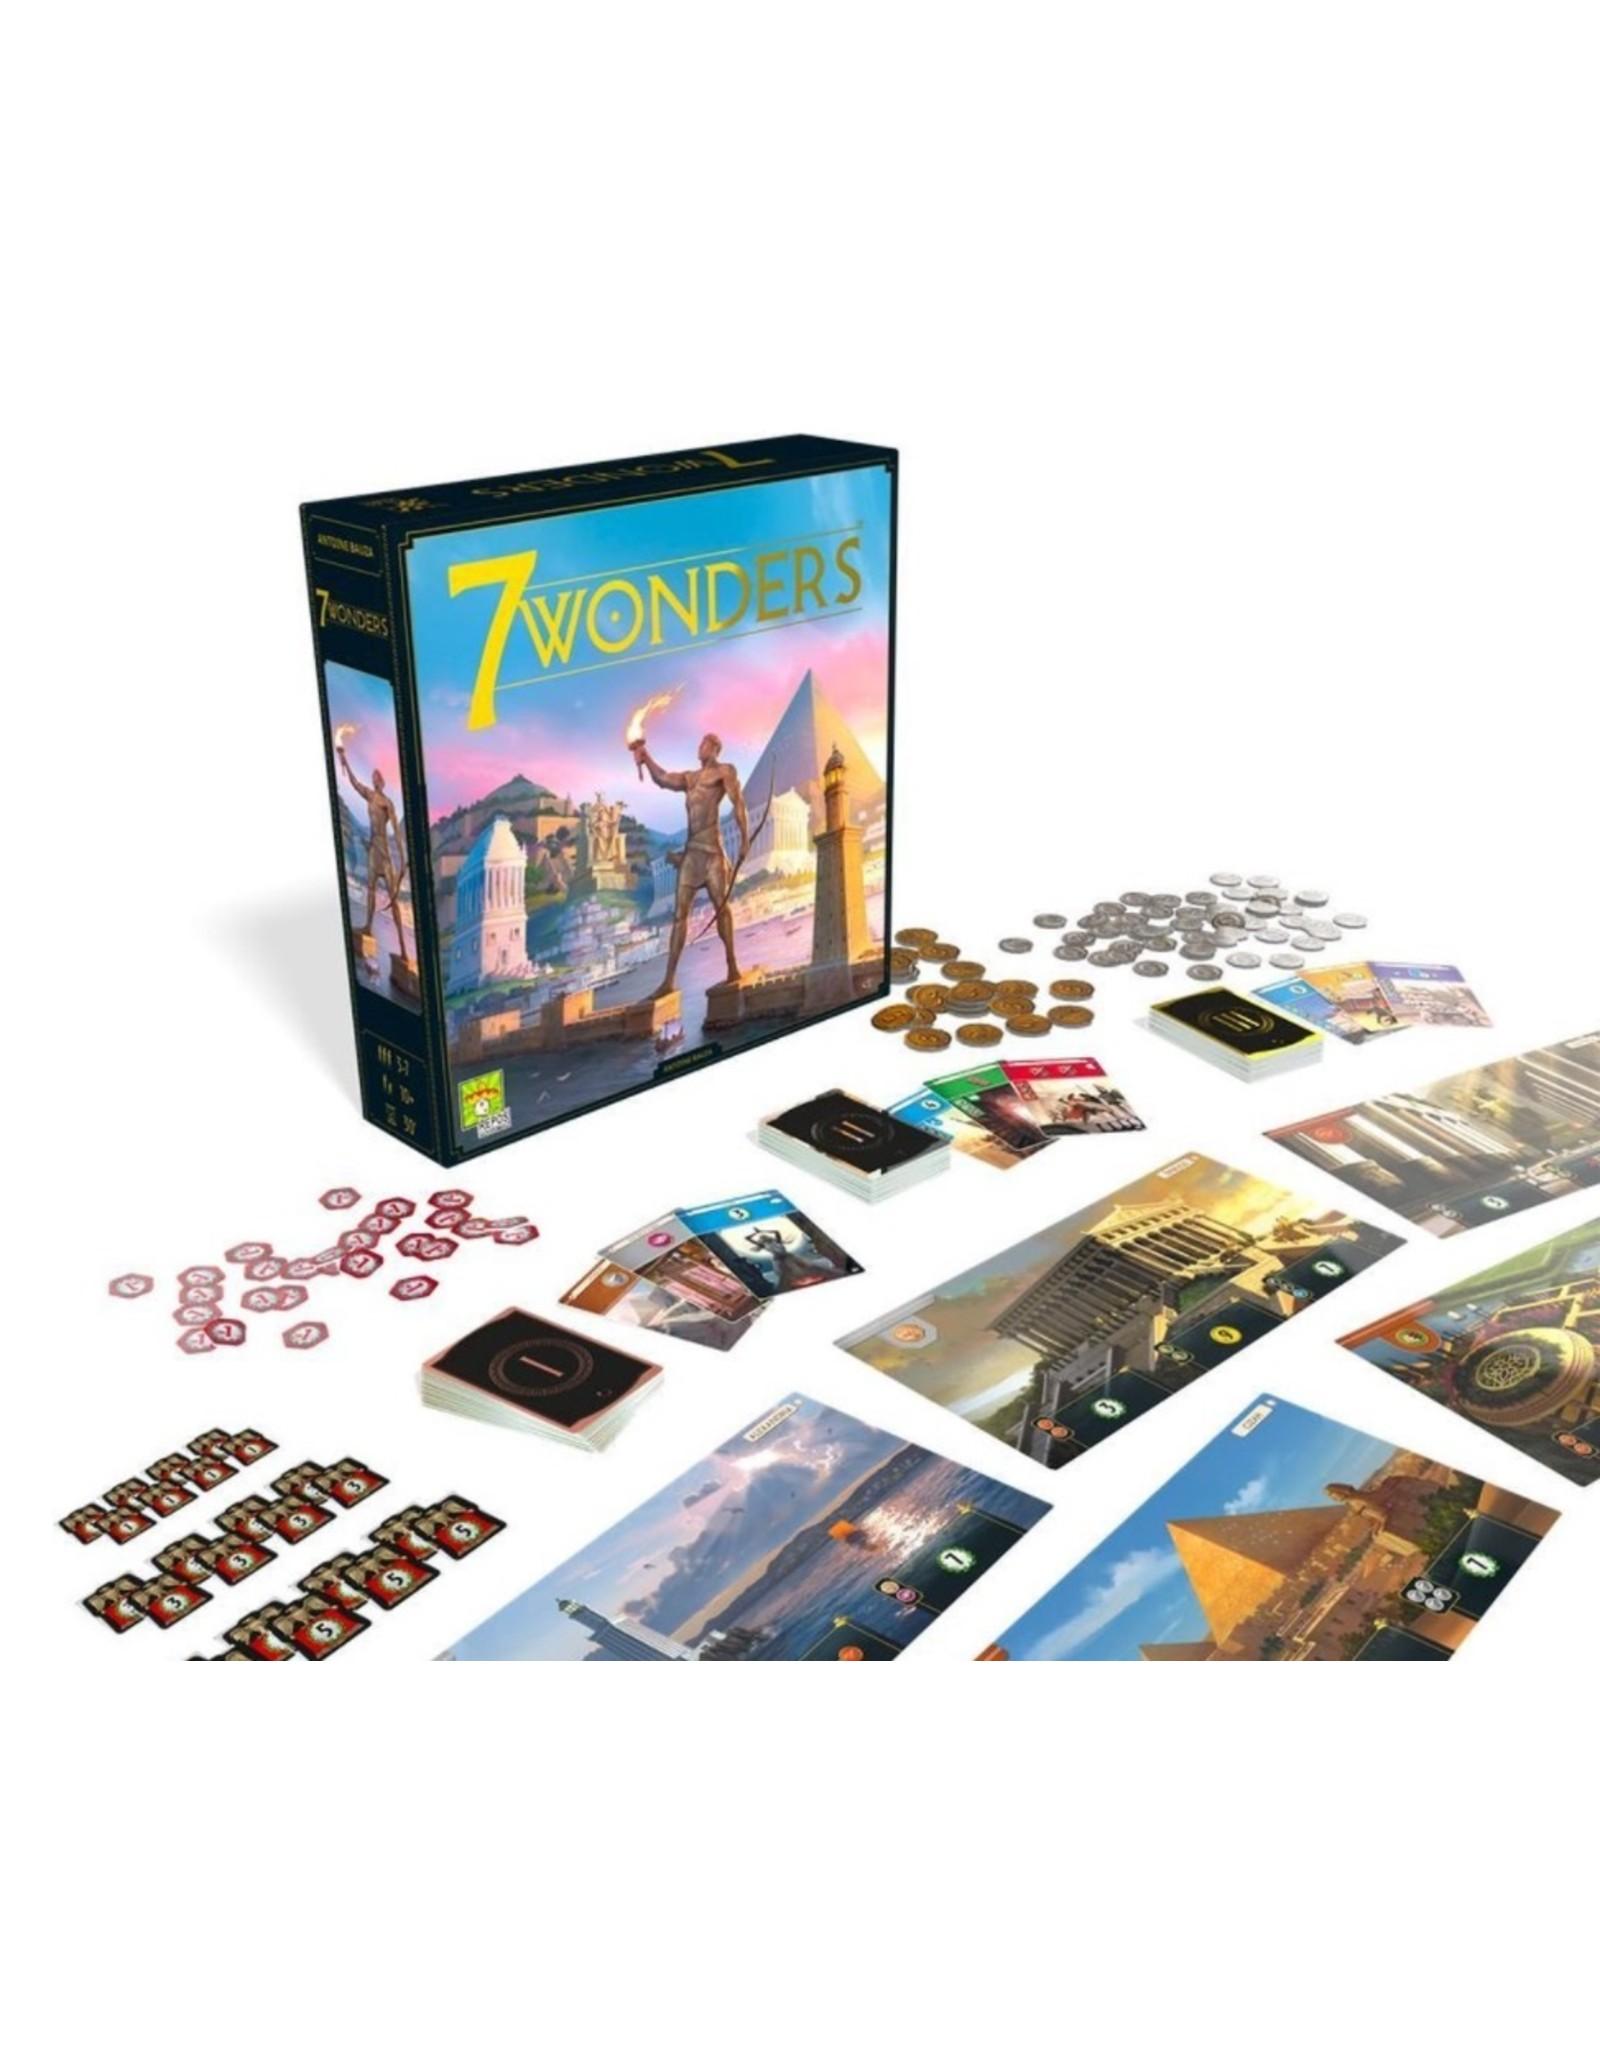 7 Wonders - Bordspel - Standaard editie